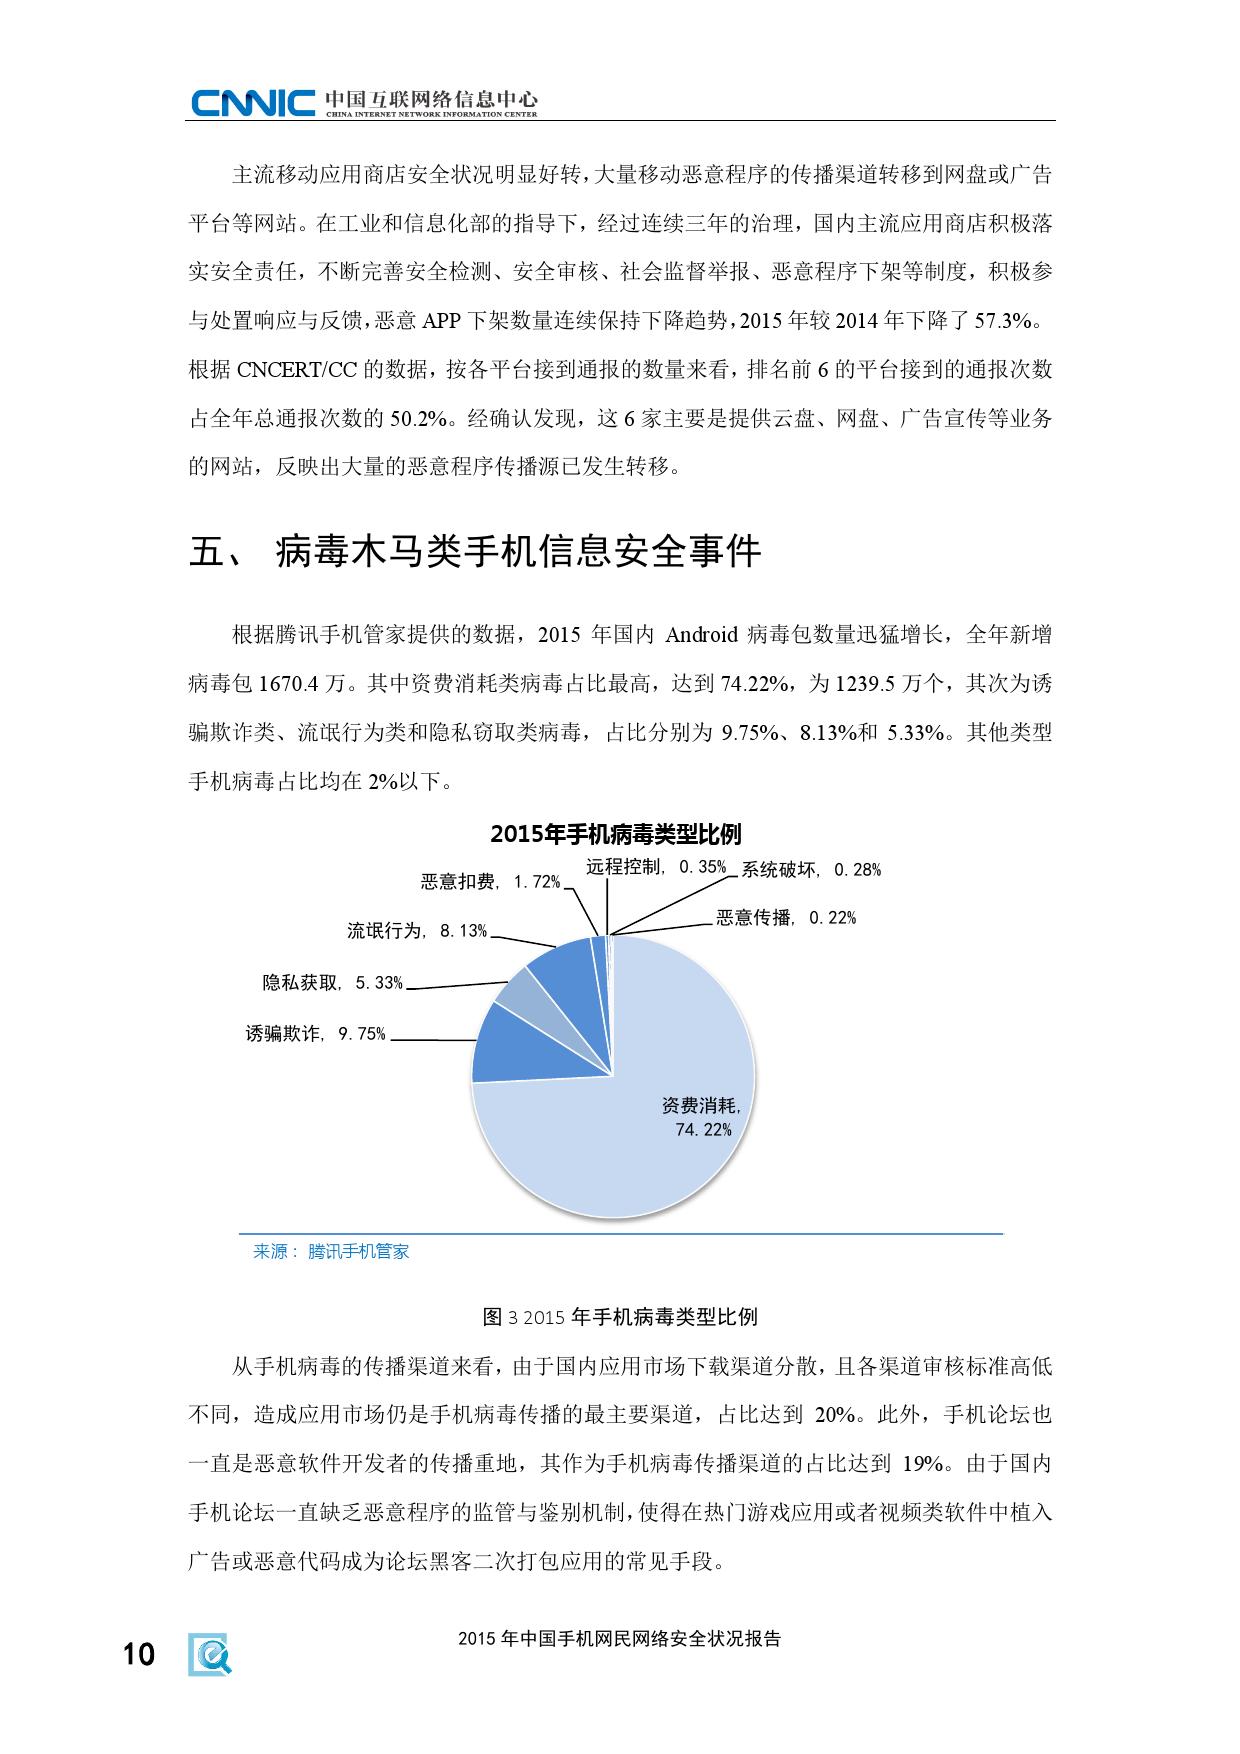 2015年中国手机网民网络安全状况报告_000016